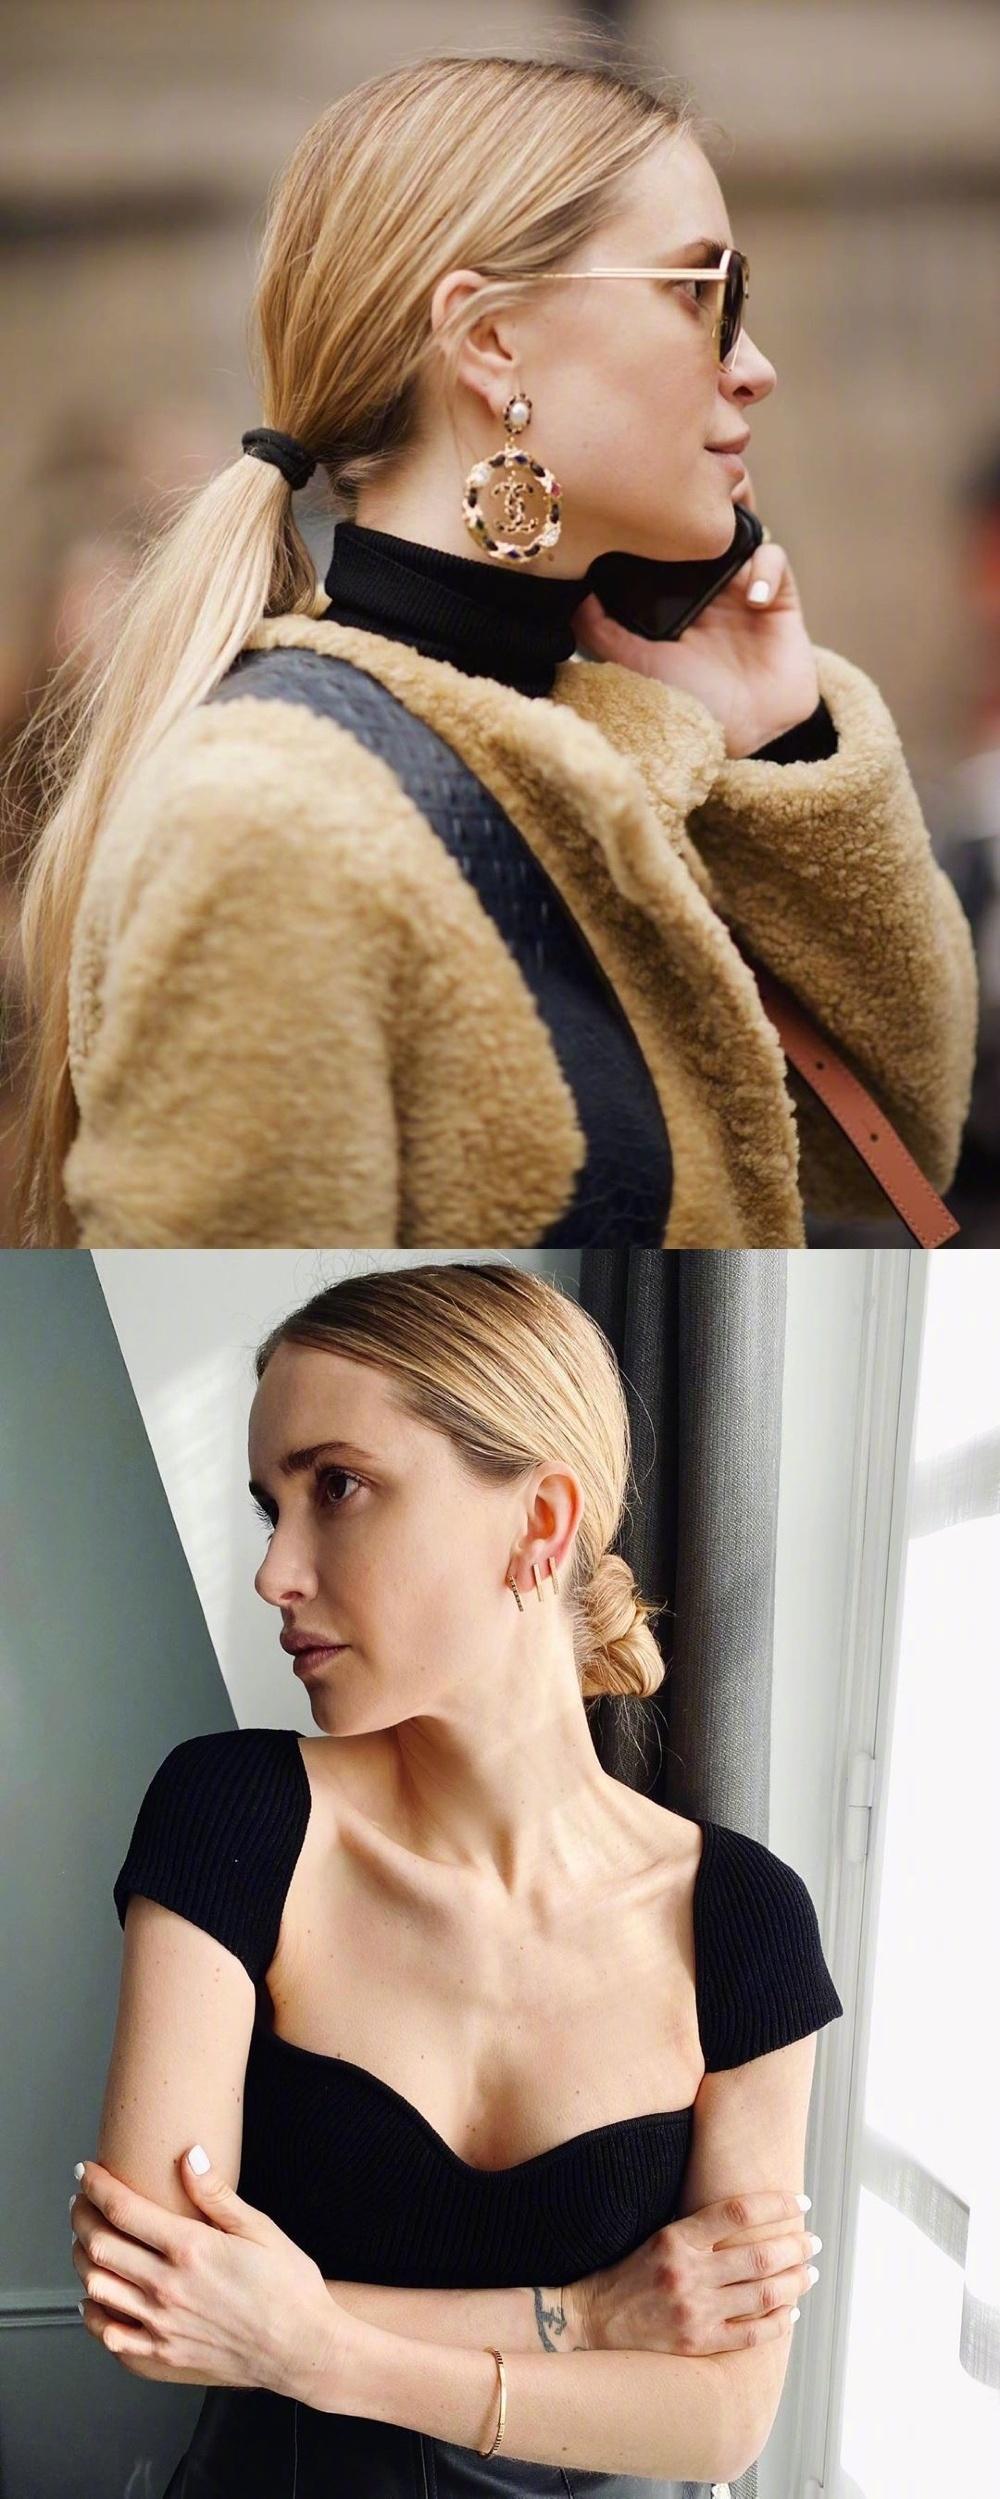 丹麦时尚博主Pernille Teisbaek,被称作为北欧最时髦的女人